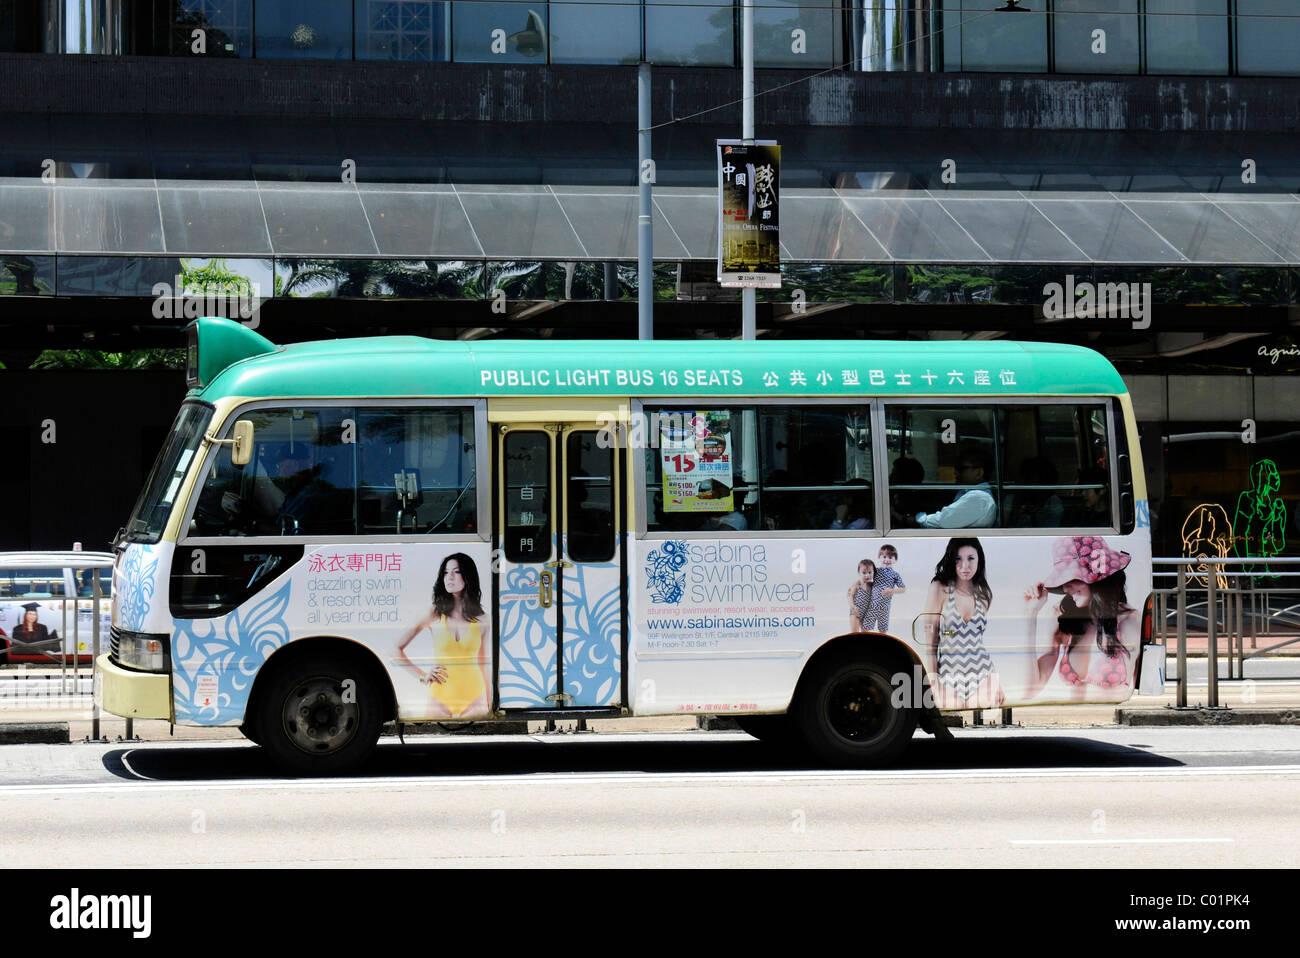 Minibus, Hong Kong, China, Asia - Stock Image